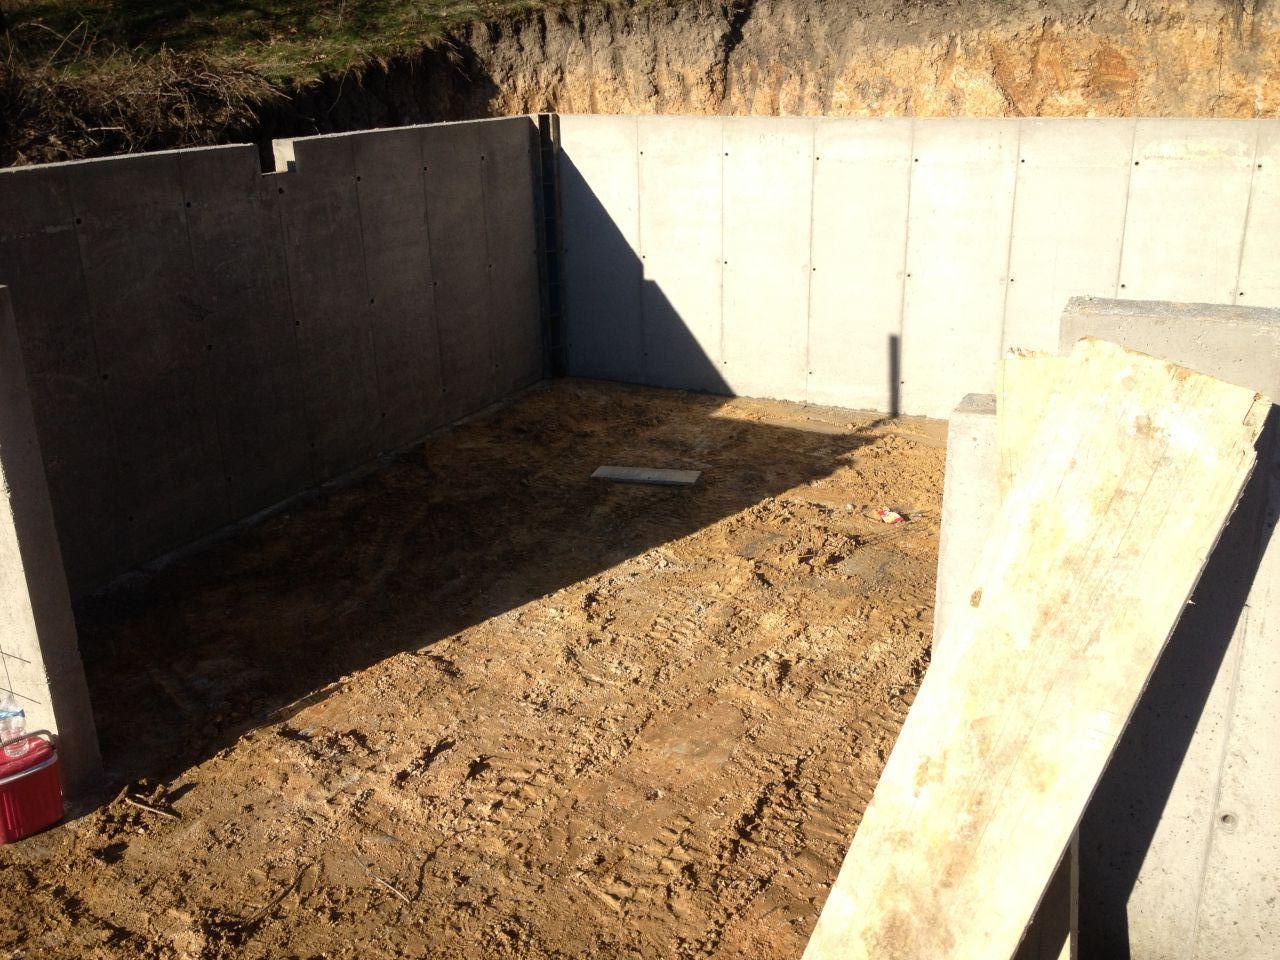 Préparation du sol au garage afin de couler le plancher.